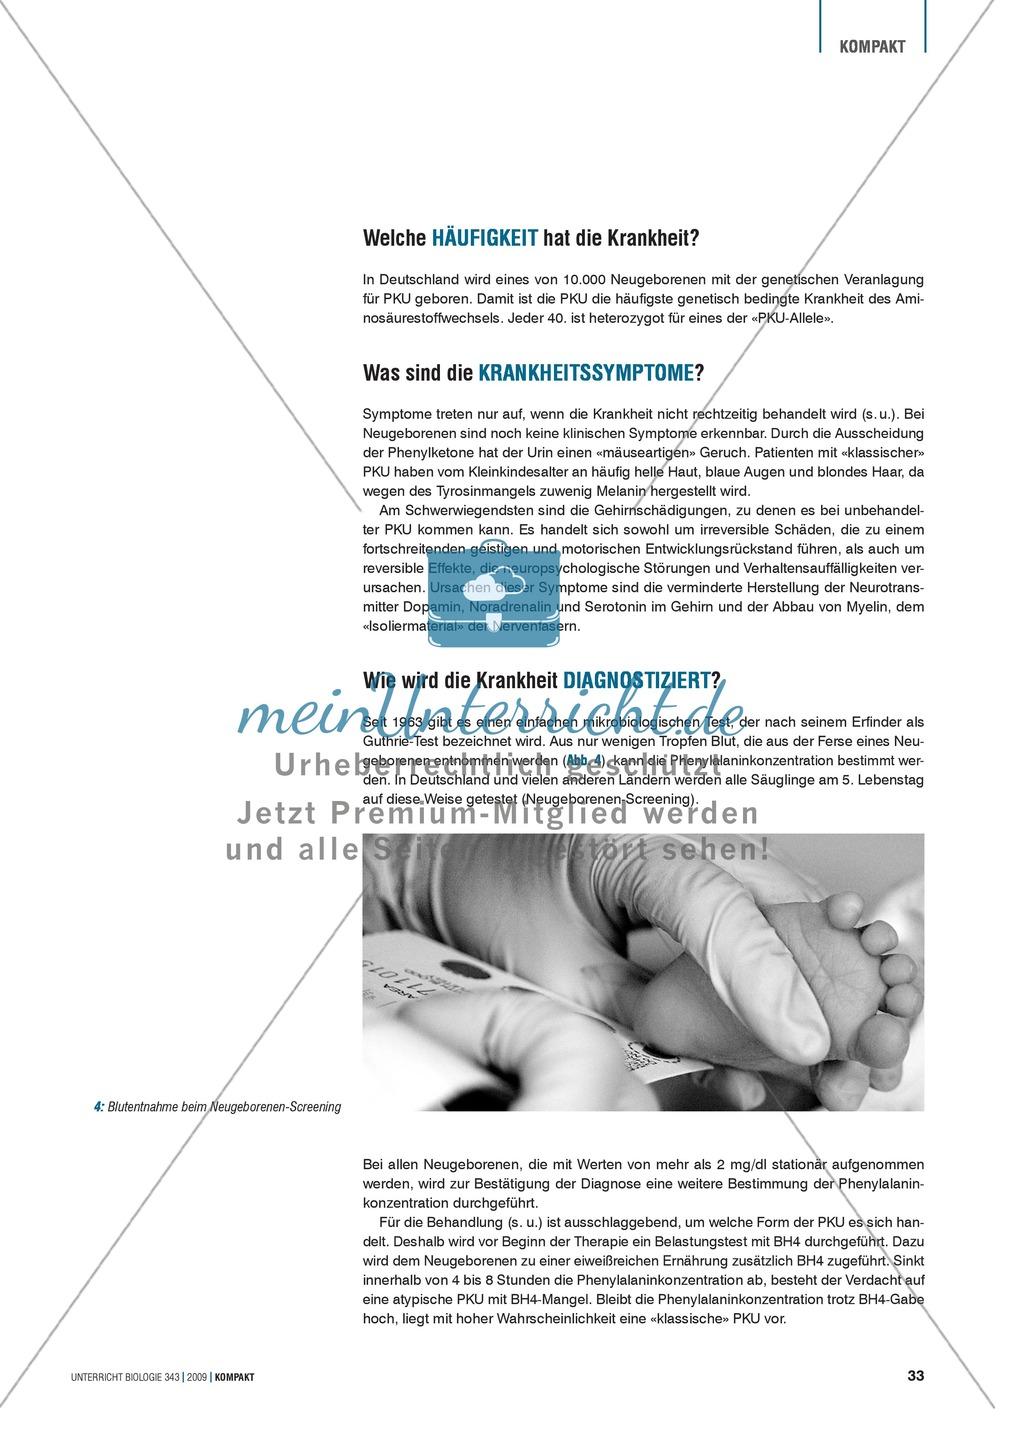 Genetik: Untersuchung erblich bedingter Erkrankungen der Leber am Beispiel der Phenylketonurie Preview 2